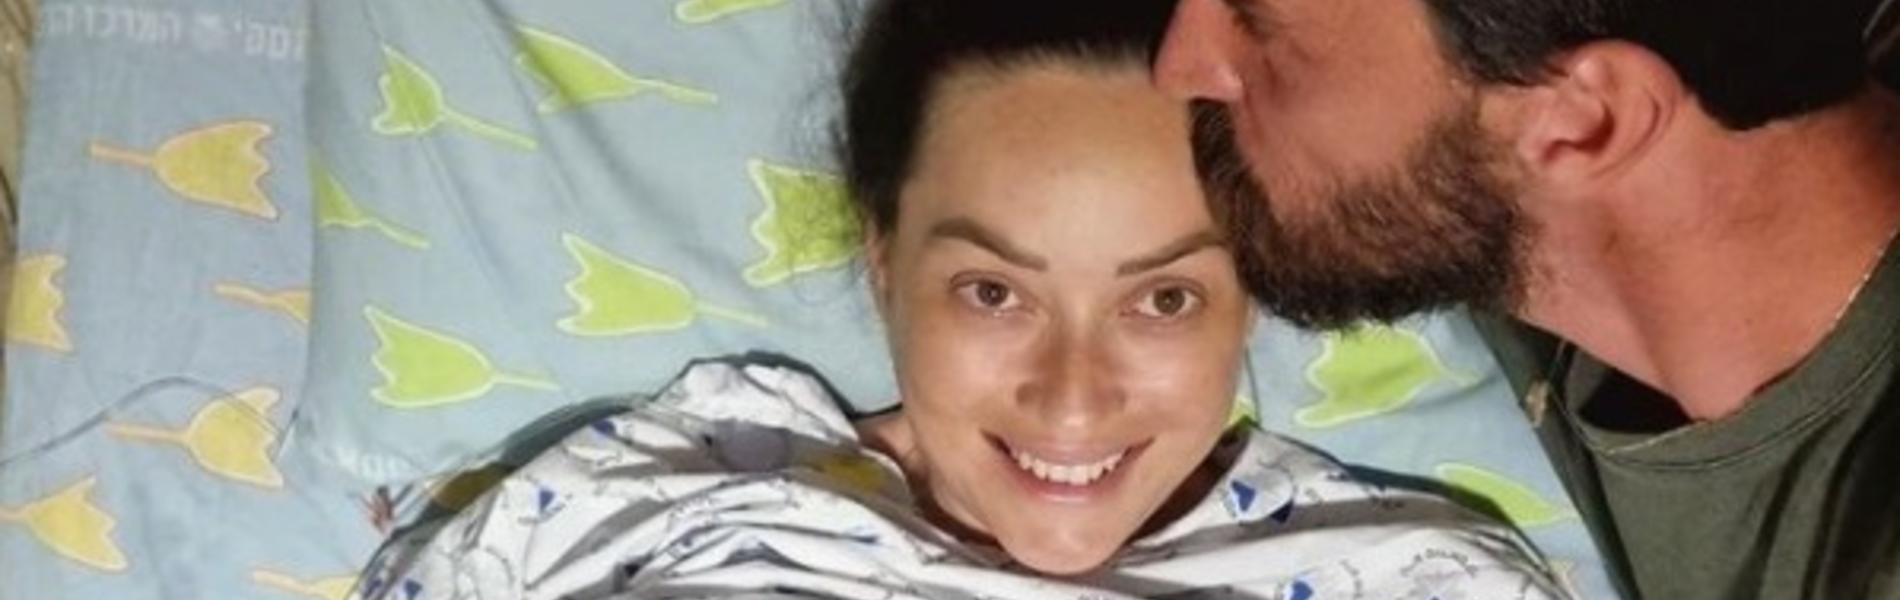 זיוף, פילטרים וסקיני ג'ינס: אנה ארונוב שוברת עוד טאבו